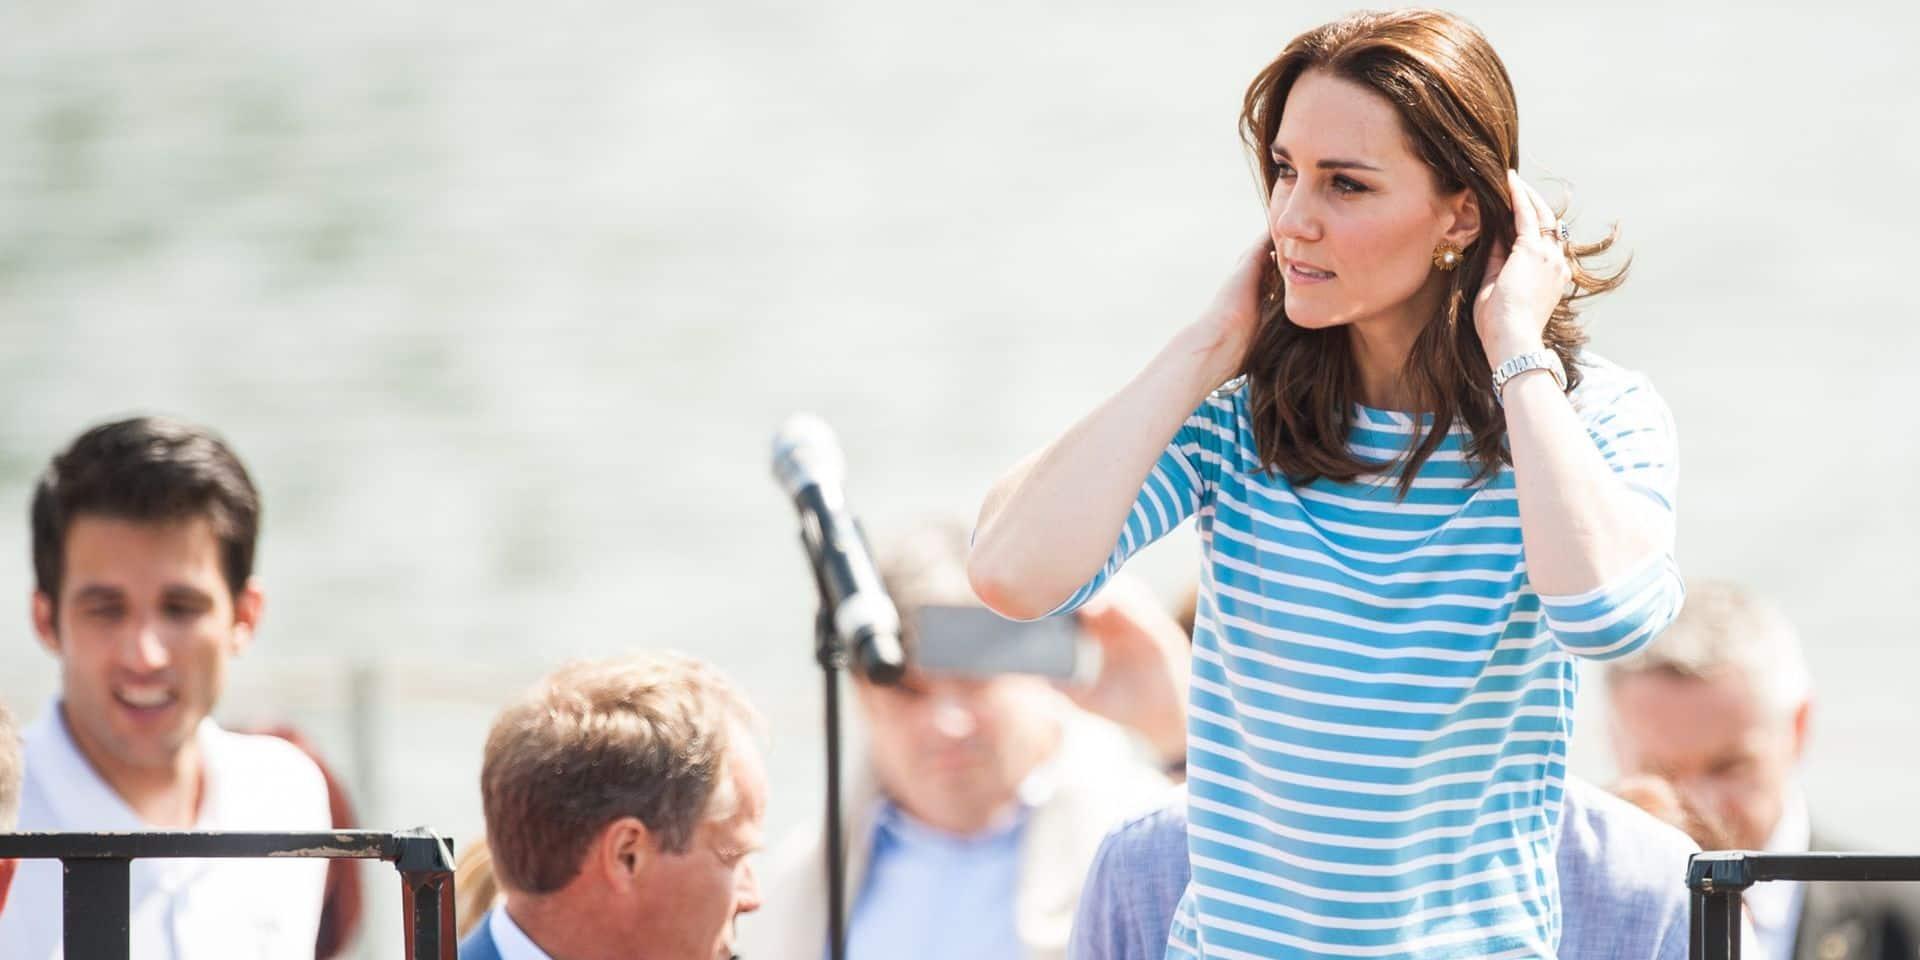 """Kate Middleton """"horrifiée"""": ce comportement de Meghan Markle qui ne passait pas du tout"""